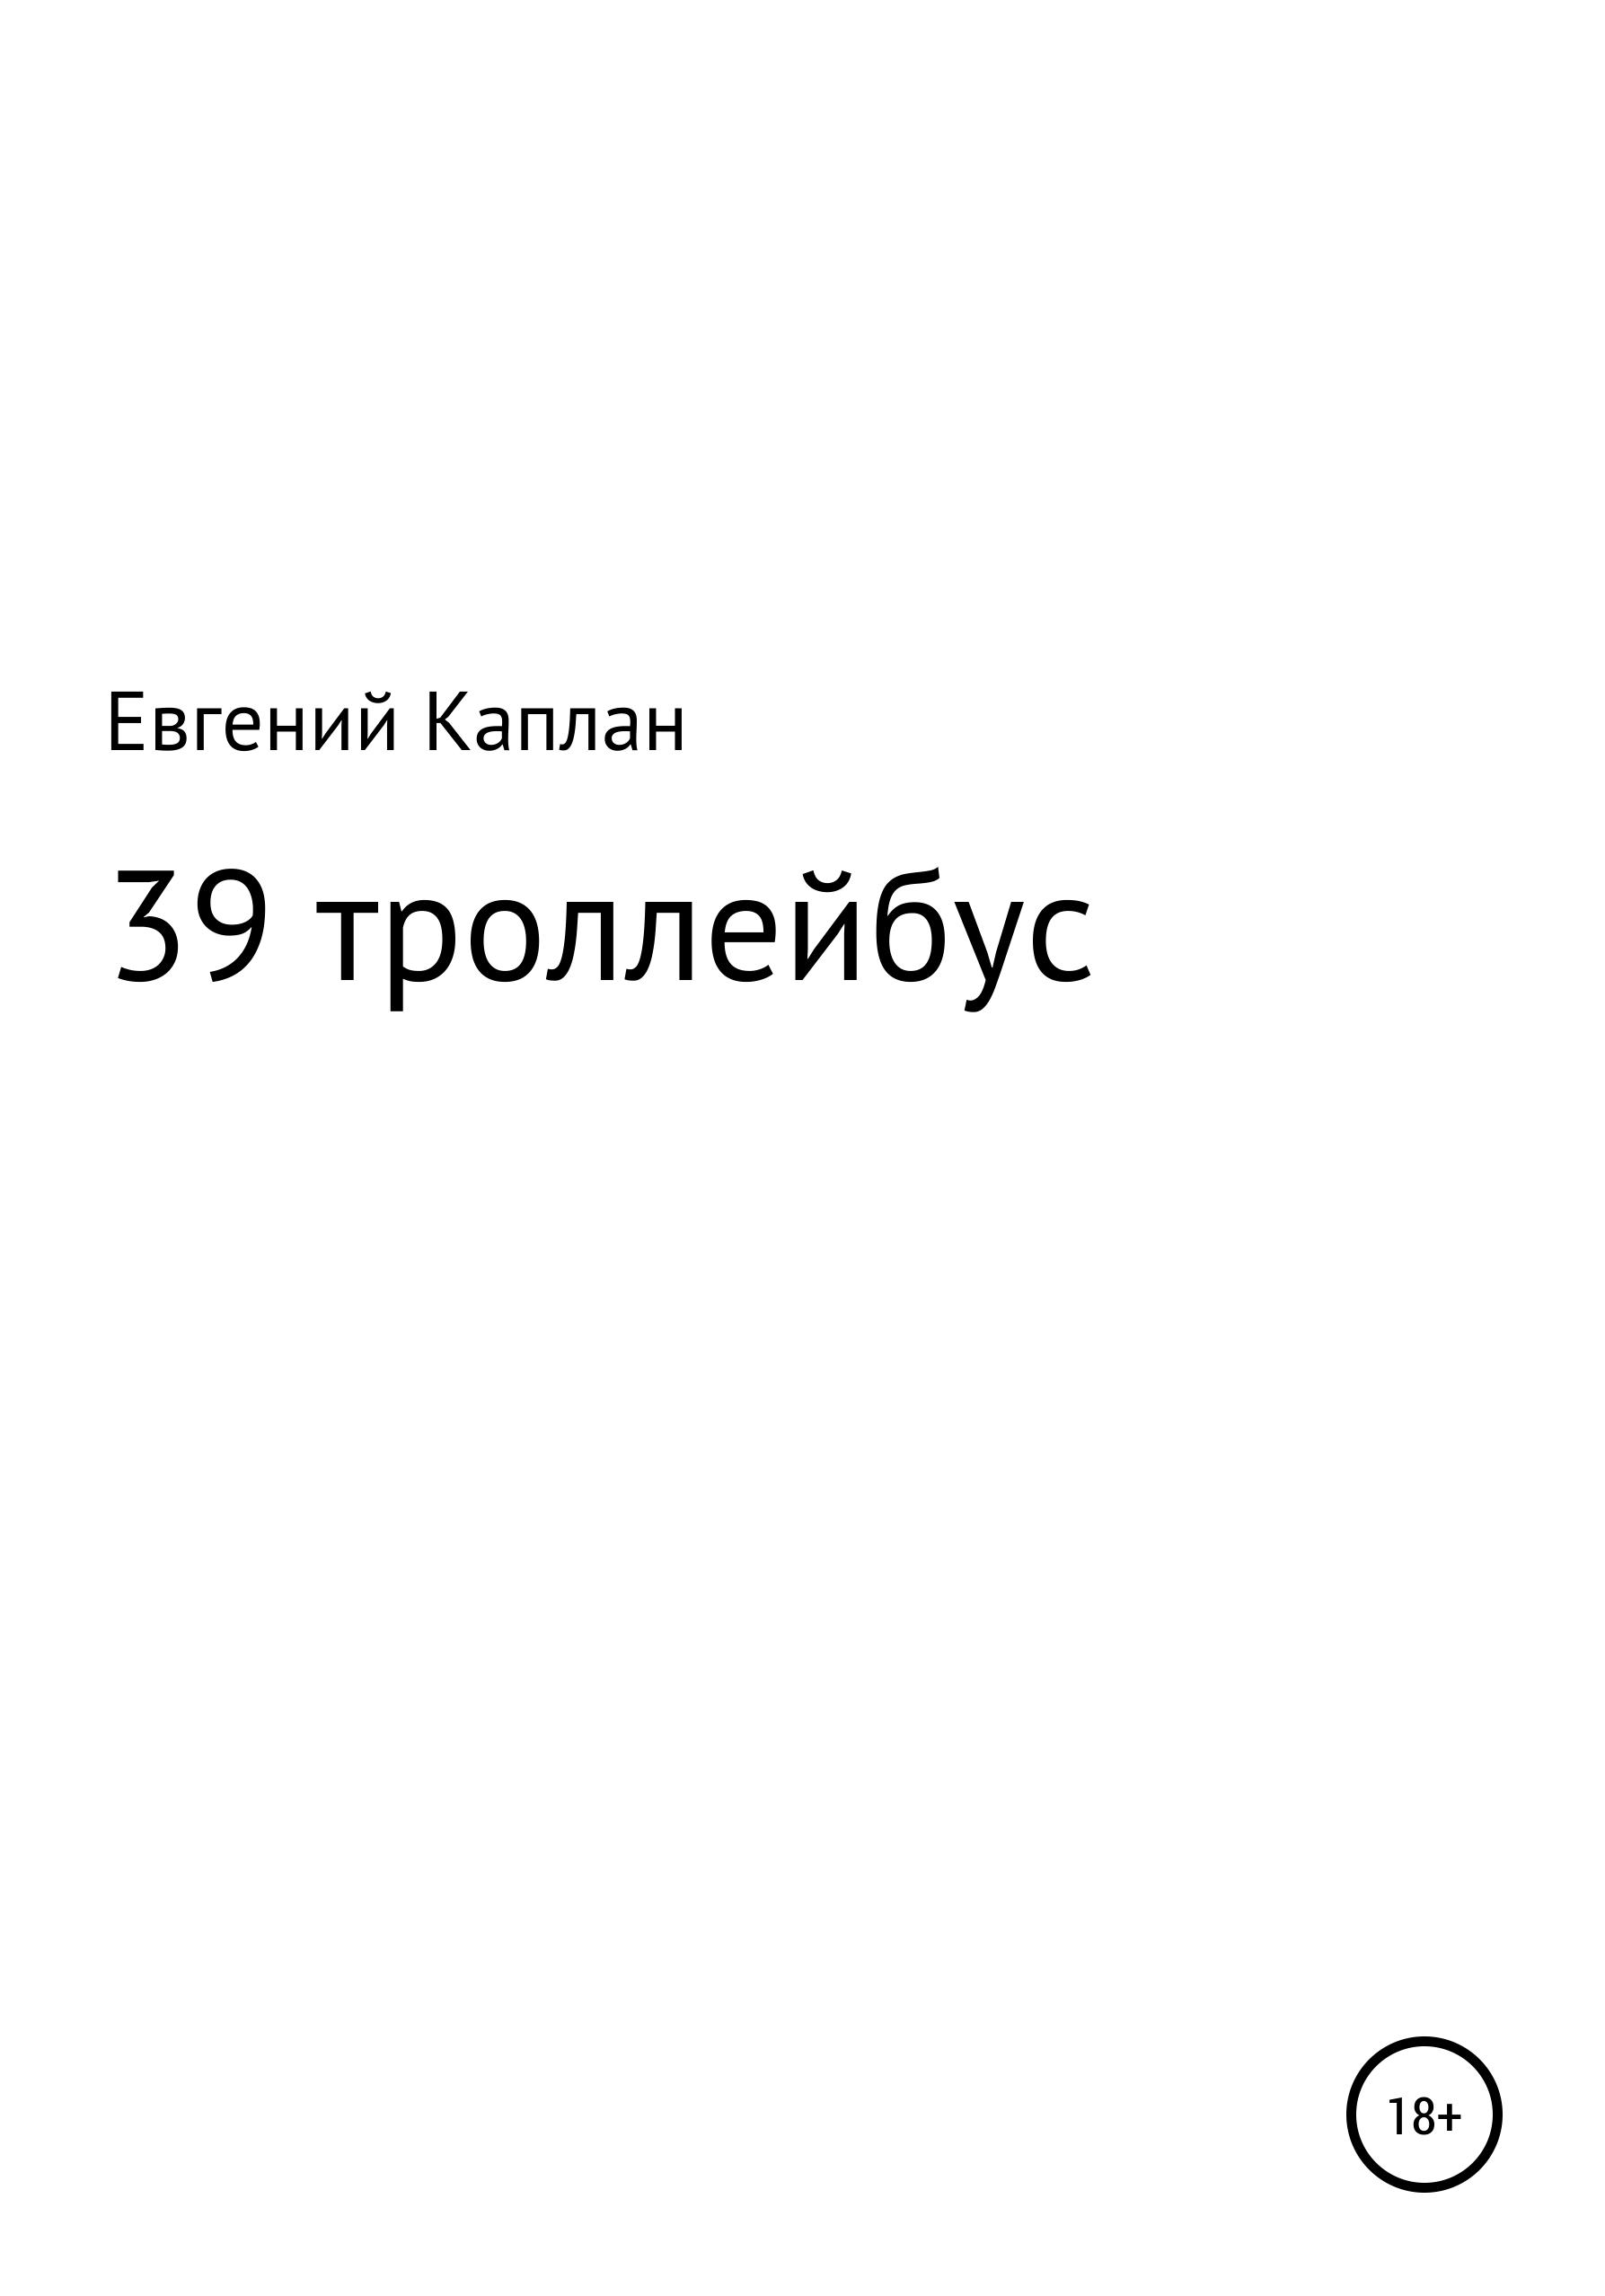 цена на Евгений Каплан 39 троллейбус (сатира, иронические рассказы)